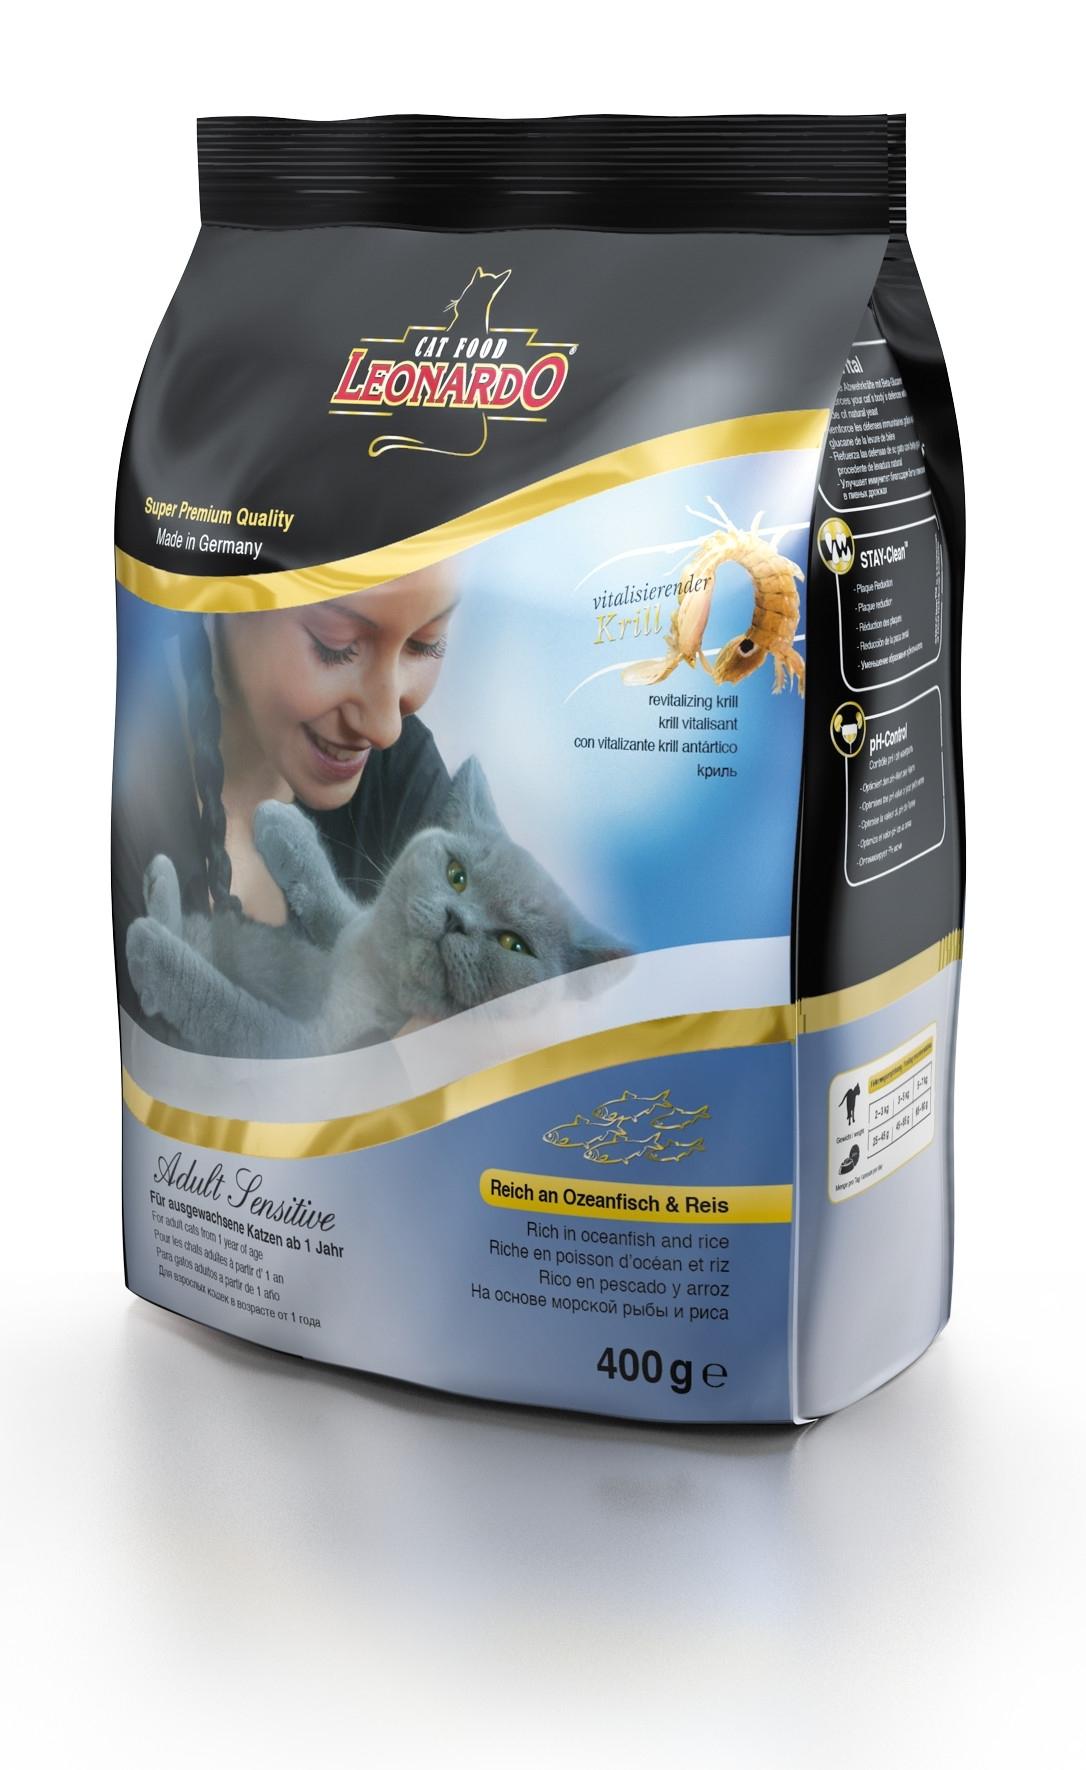 Корм сухой Leonardo Adult Sensetive для взрослых кошек от 1 года, на основе морской рыбы и риса, 400 г26084Сухой корм Leonardo Adult Sensetive предназначен для взрослых кошек с чувствительным пищеварением. С добавлением вкусного криля (креветок). За счет высокого содержания Омега-3 и Омега-6 жирных кислот улучшает качество кожи и шерсти. Снижает образование зубного камня и зубного налета. Корм обладает профилактикой мочекаменной болезни и подходит для кастрированных/стерилизованных котов и кошек. Состав: мука сельди 17%, сухое мясо птицы пониженной зольности 15%, рис 15%, кукуруза, жир домашней птицы, морепродукты (криль 4%), рожь, яичный порошок, пивные дрожжи 2,5%, гидролизат печени птицы, вытяжка из виноградной косточки, цареградский сухой стручок 1,25%, льняное семя, поваренная соль, инулин. Добавки: витамин А 15000 МЕ, витамин D3 1500 МЕ, витамин Е 150 мг, витамин C (как аскорбил монофосфаты) 245 мг, таурин 1400 мг, медь (как медь-(ll)-сульфат, пентагидрат) 15 мг, железо (в форме железа ll сульфат) 200 мг, железо (в форме оксид железа lll) 385 мг, ...